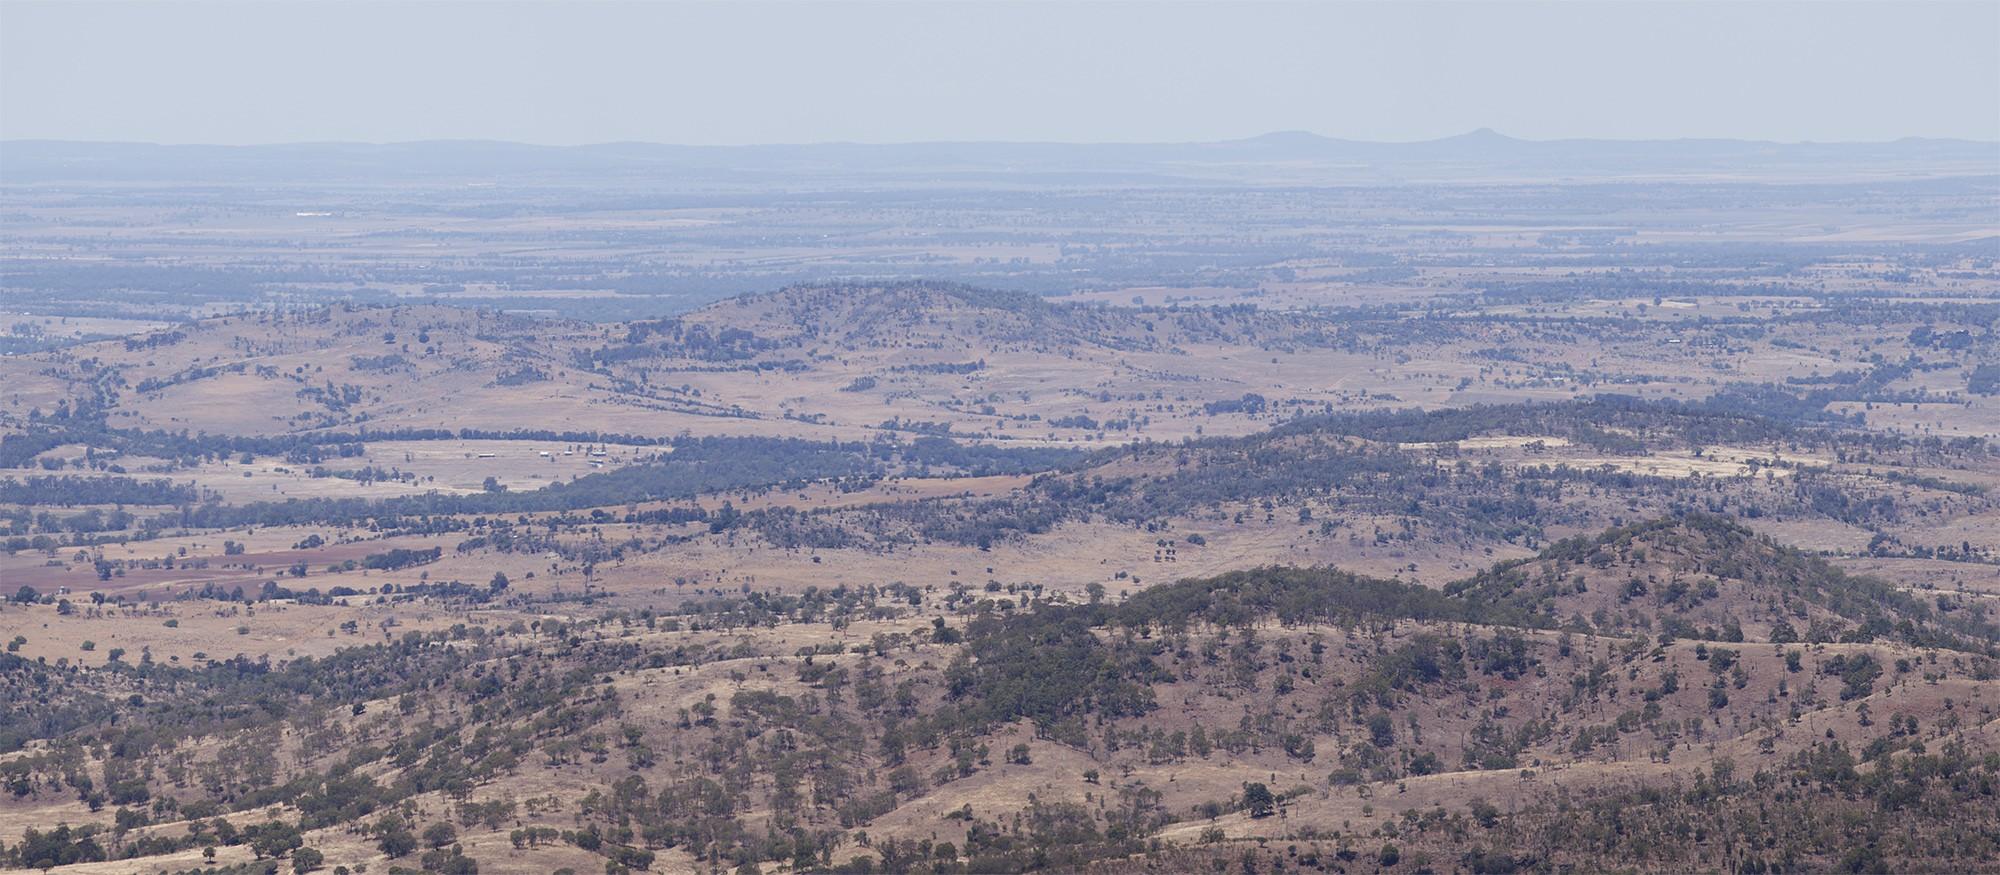 Distant Toowoomba